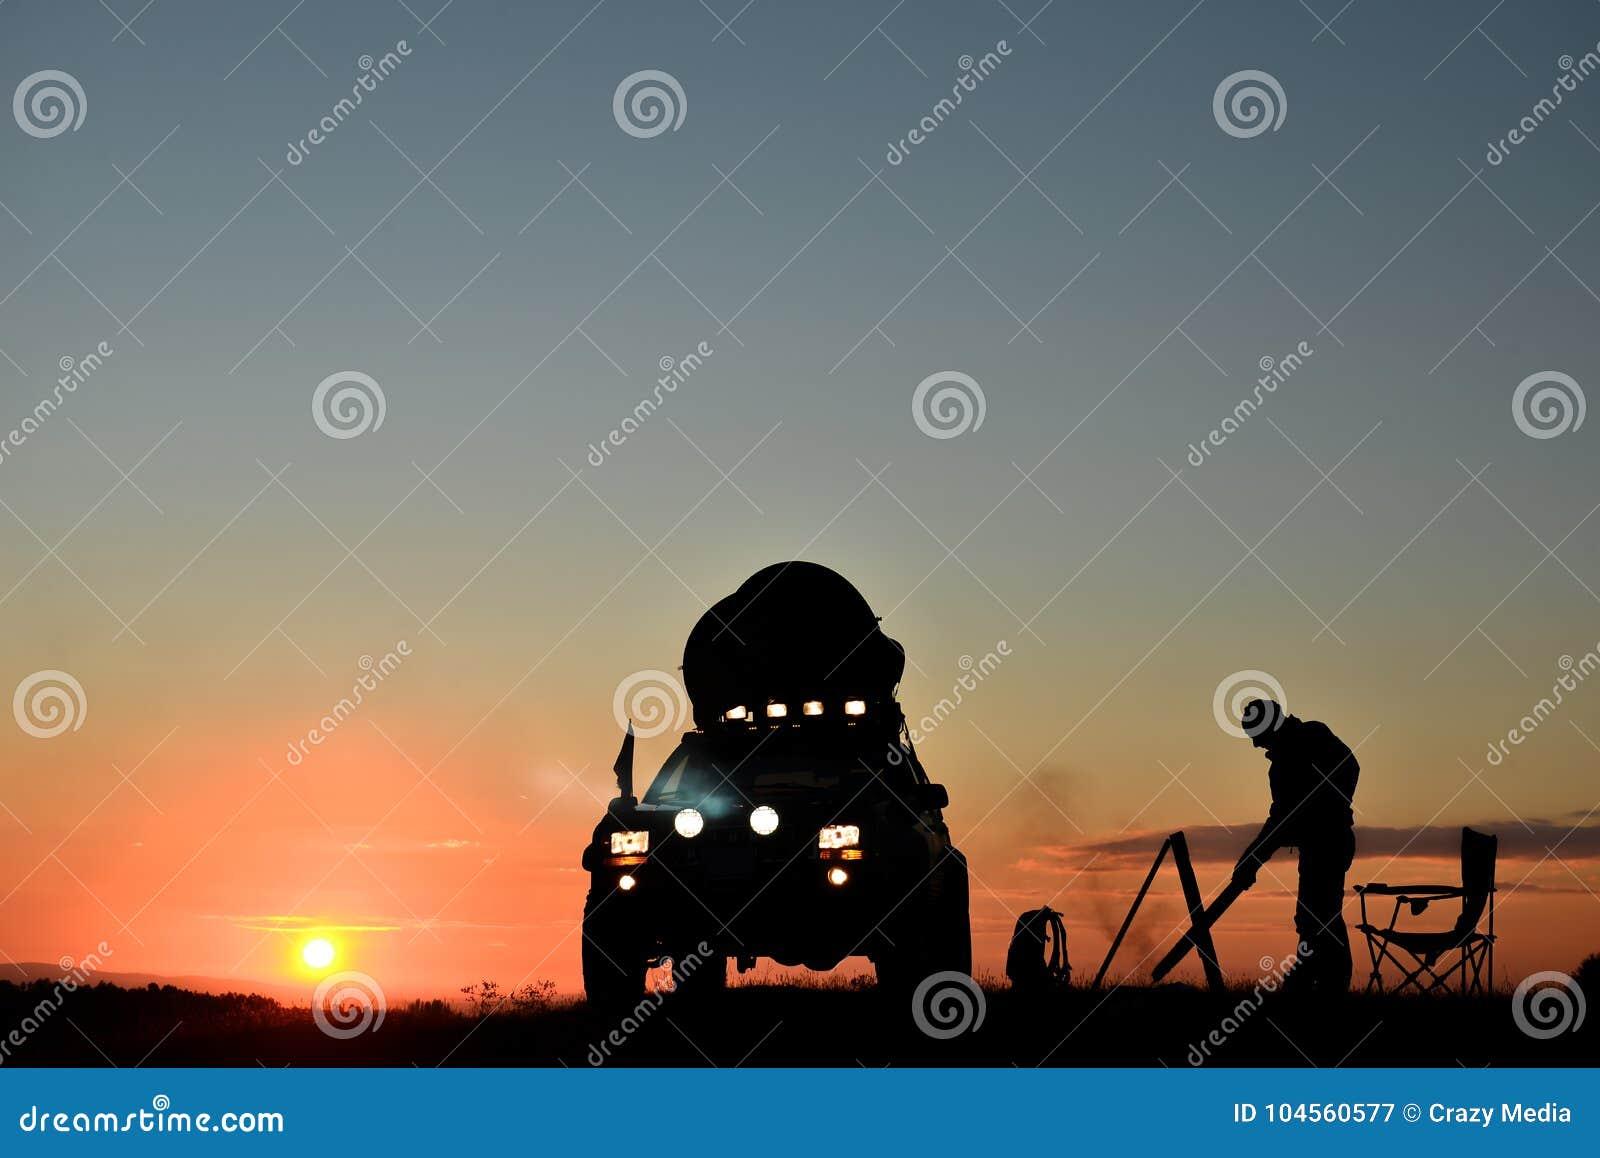 Σκιαγραφία ενός προσώπου που στρατοπεδεύει με ένα αυτοκίνητο